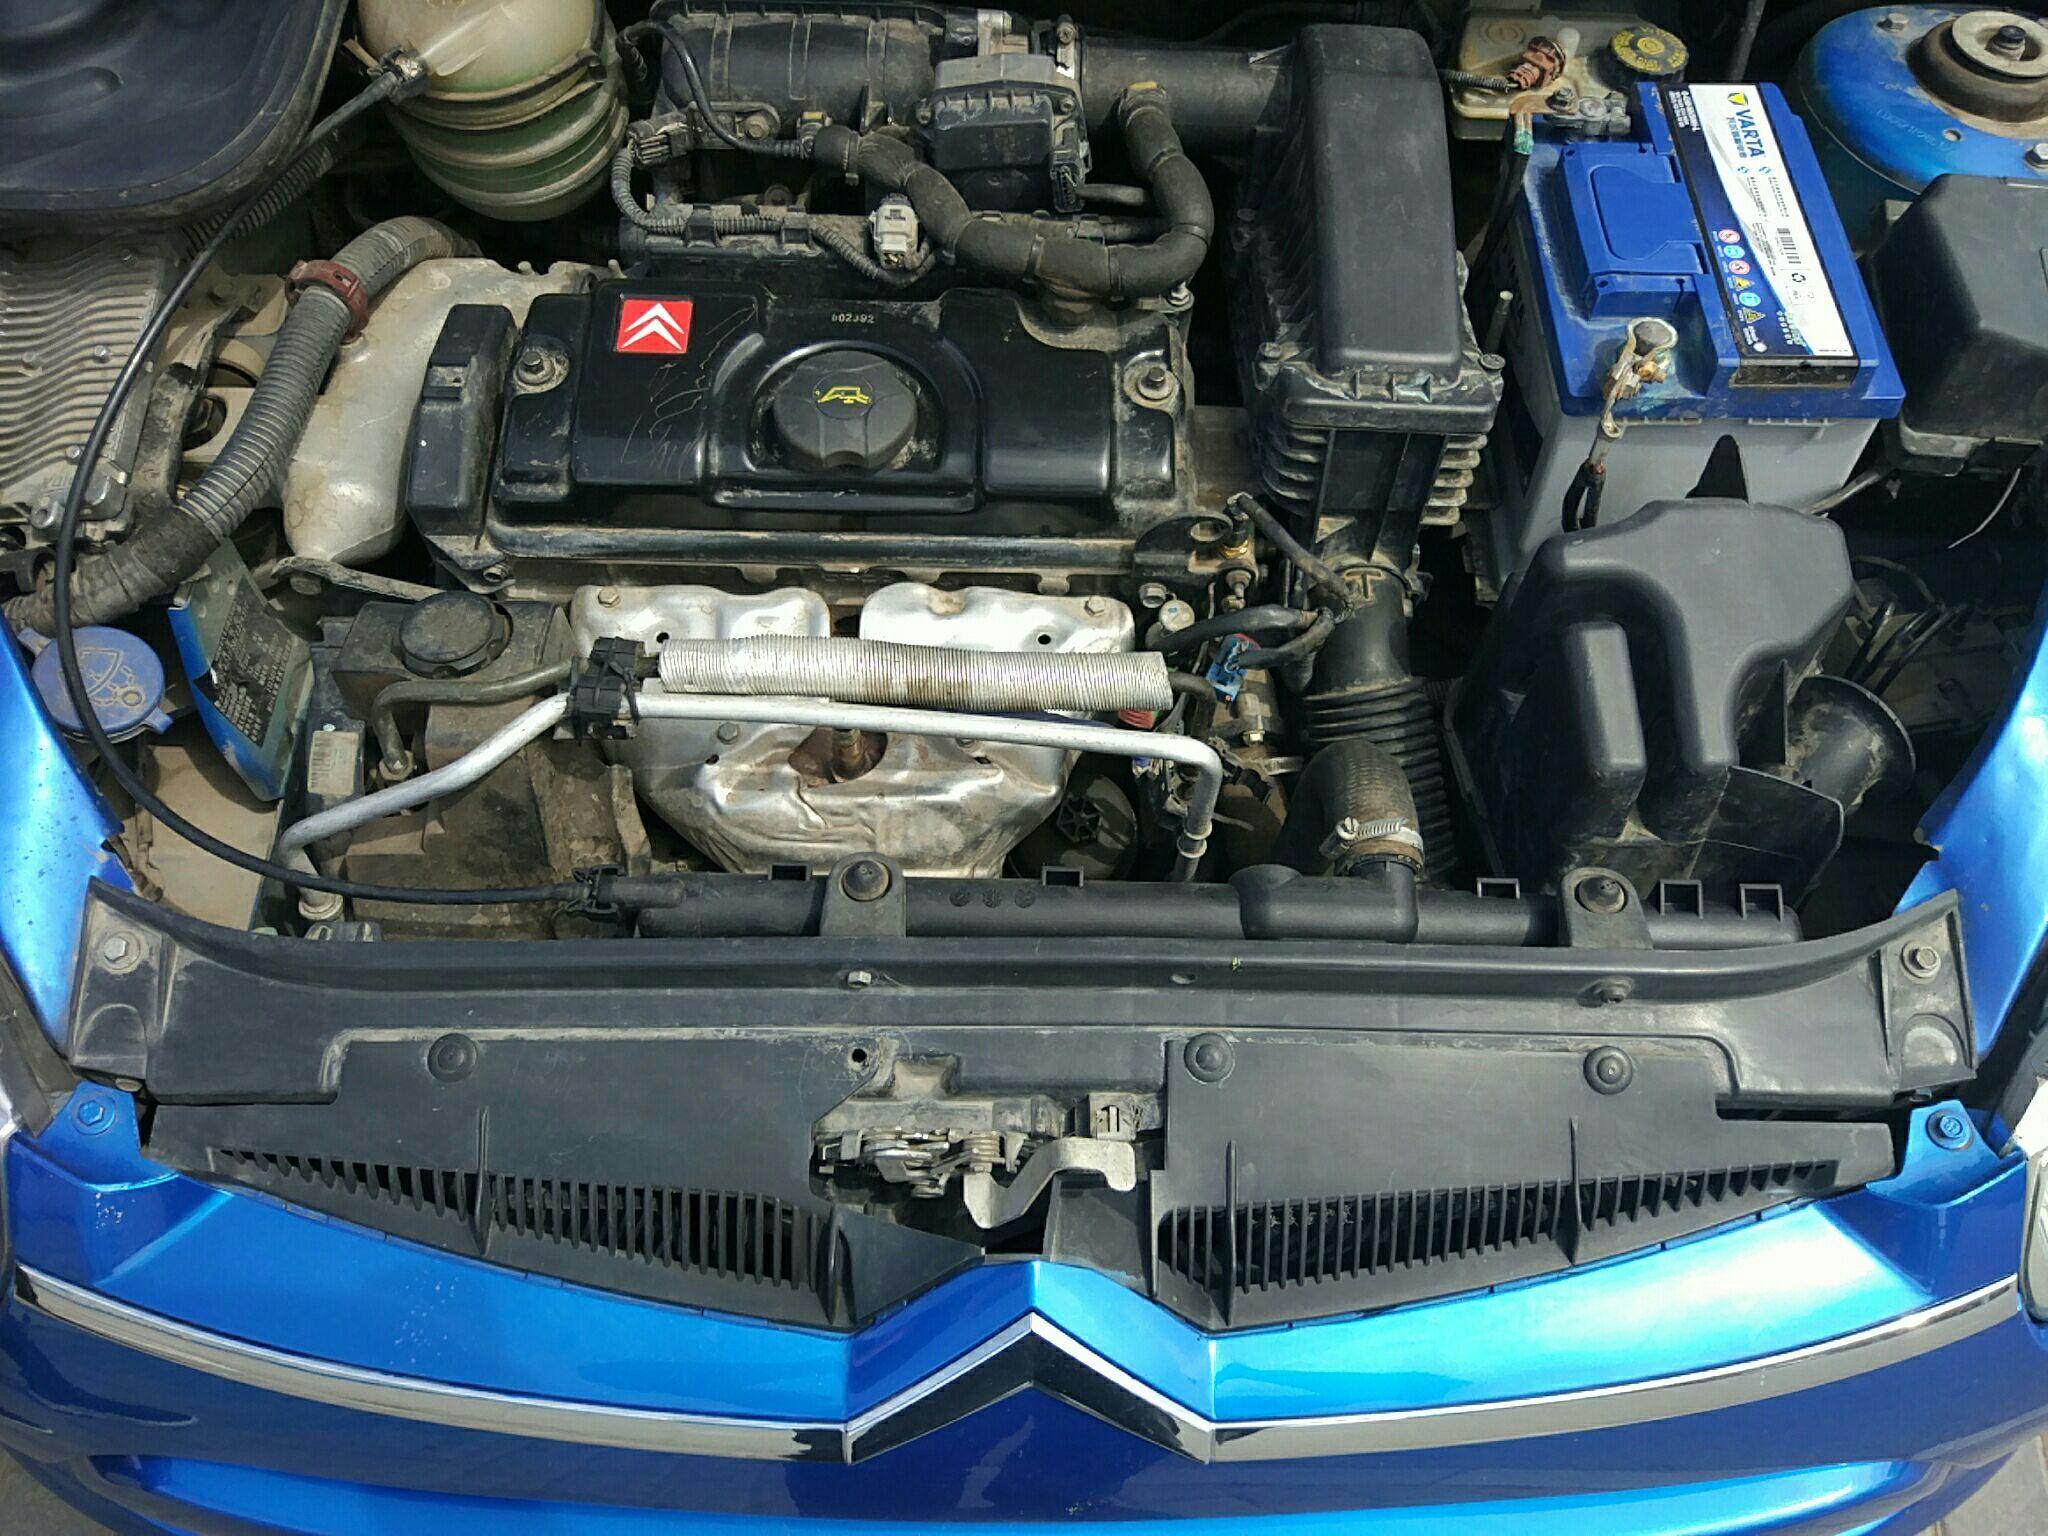 银川二手雪铁龙雪铁龙c2 > 雪铁龙c2 2012  车头轻微的碰撞会导致水箱